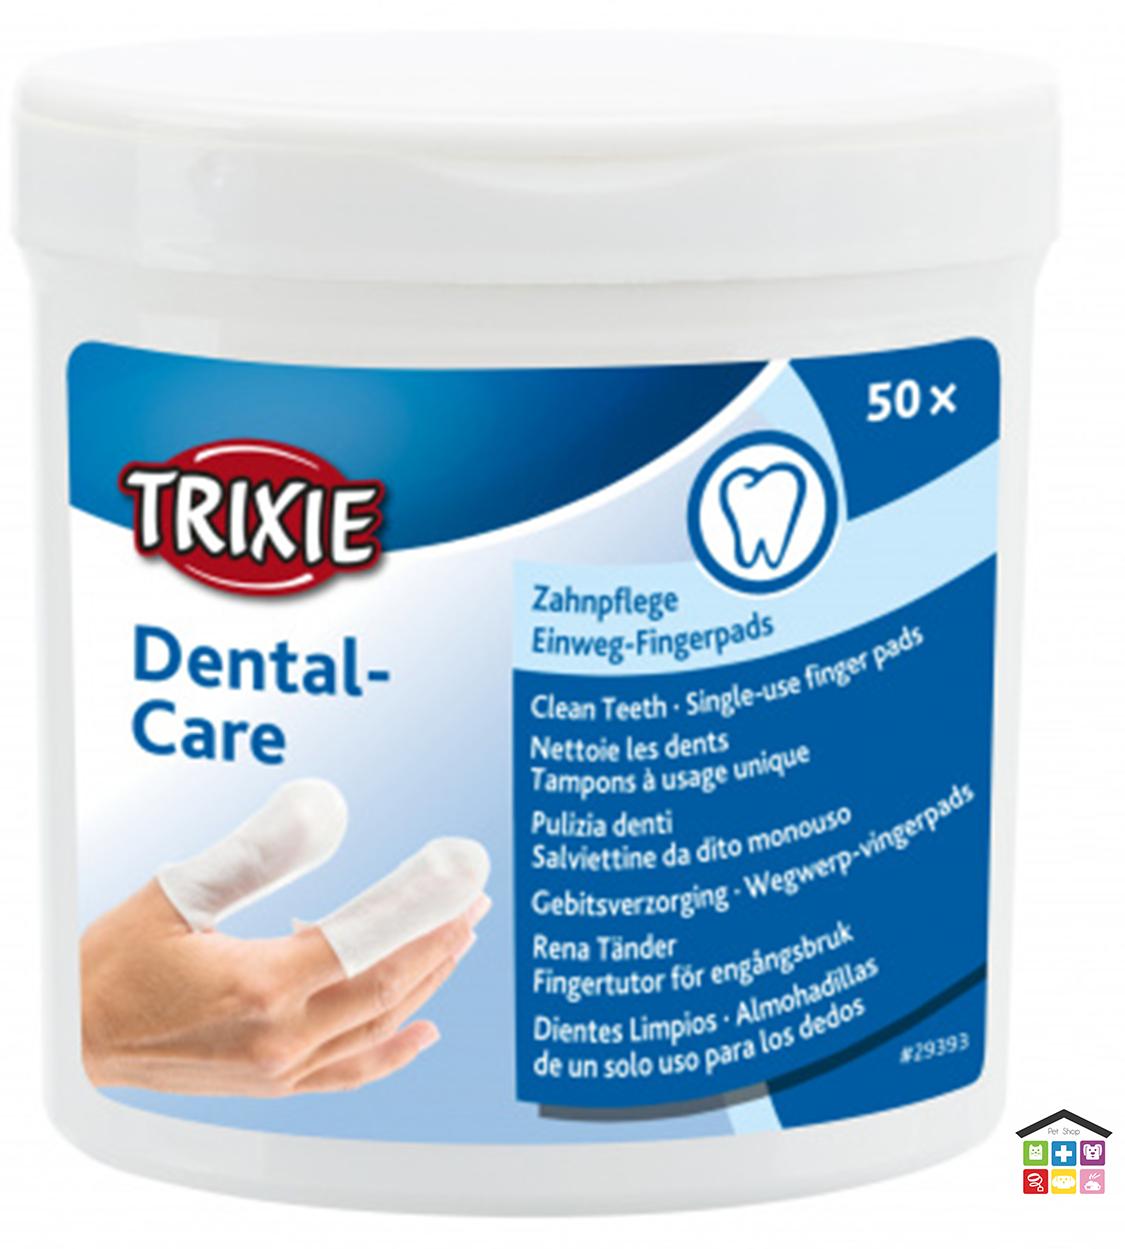 Trixie salviettine per dito pulizia denti